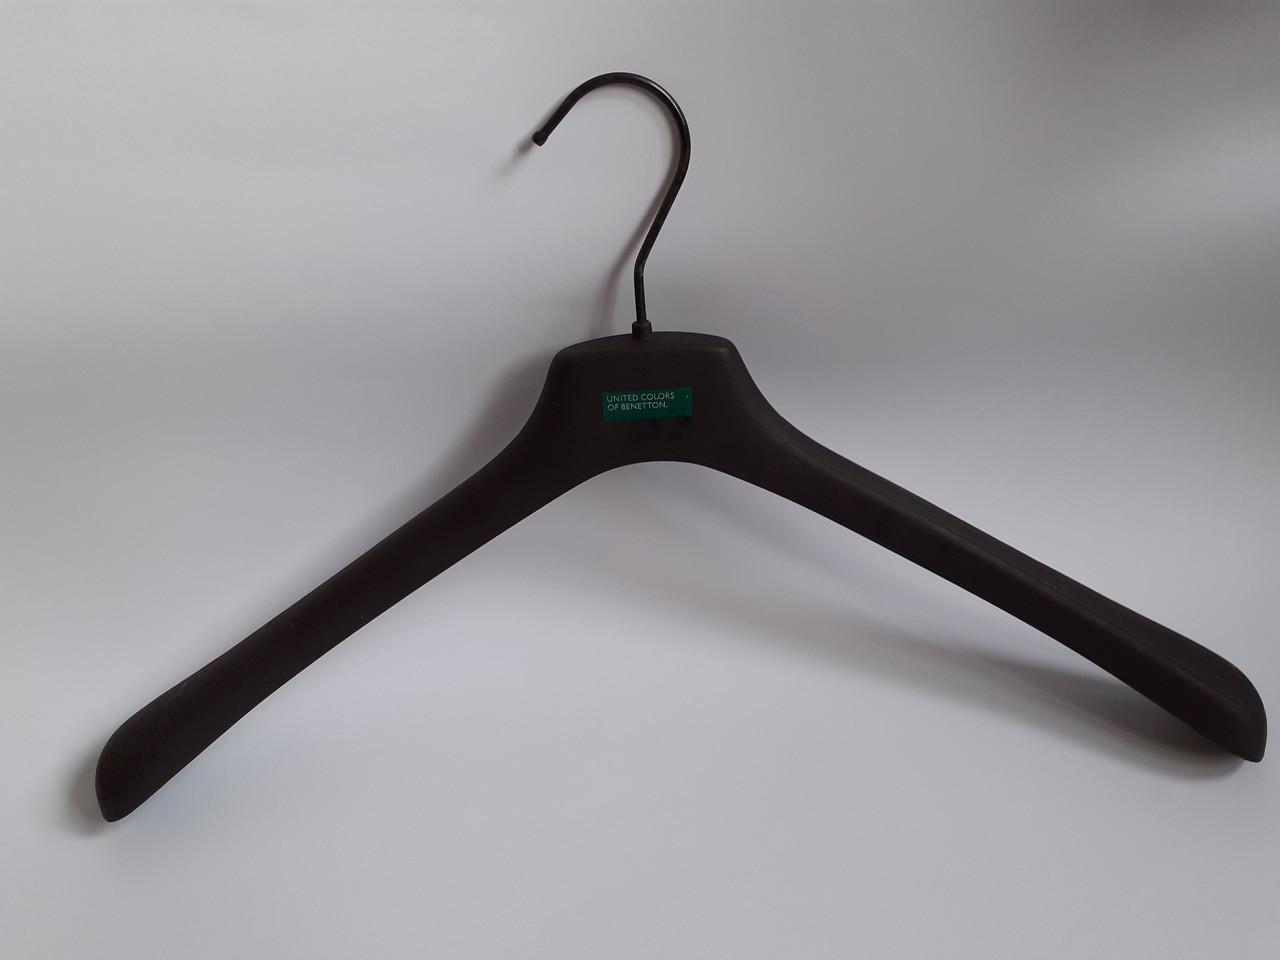 Вешалки для верхней одежды, плечики с широким плечом Benetton 36см